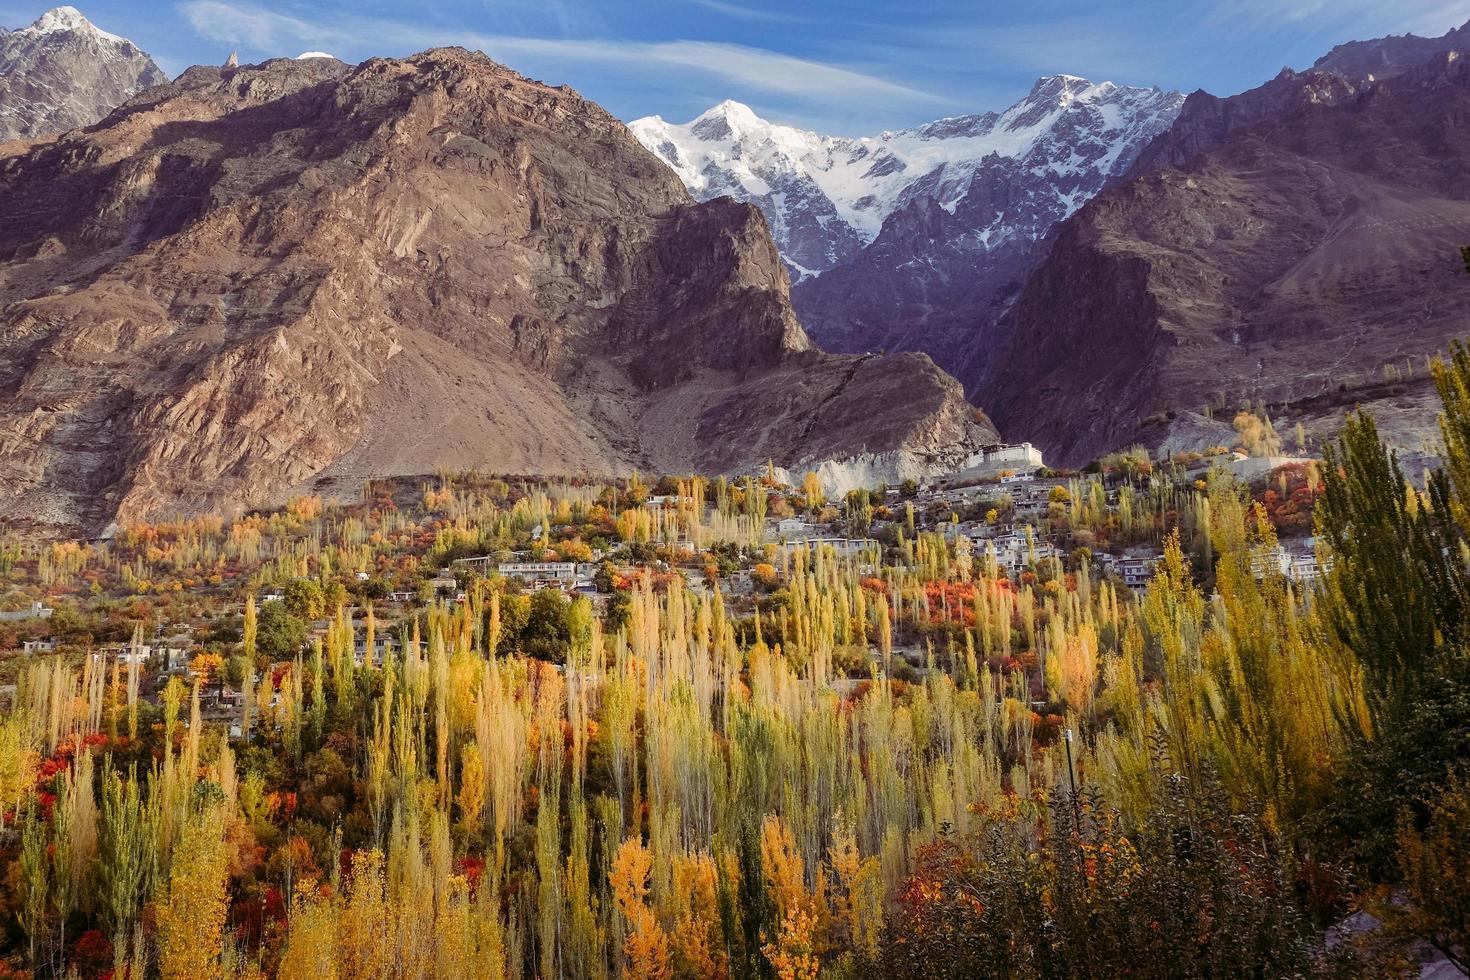 escena de otoño en el valle de hunza foto